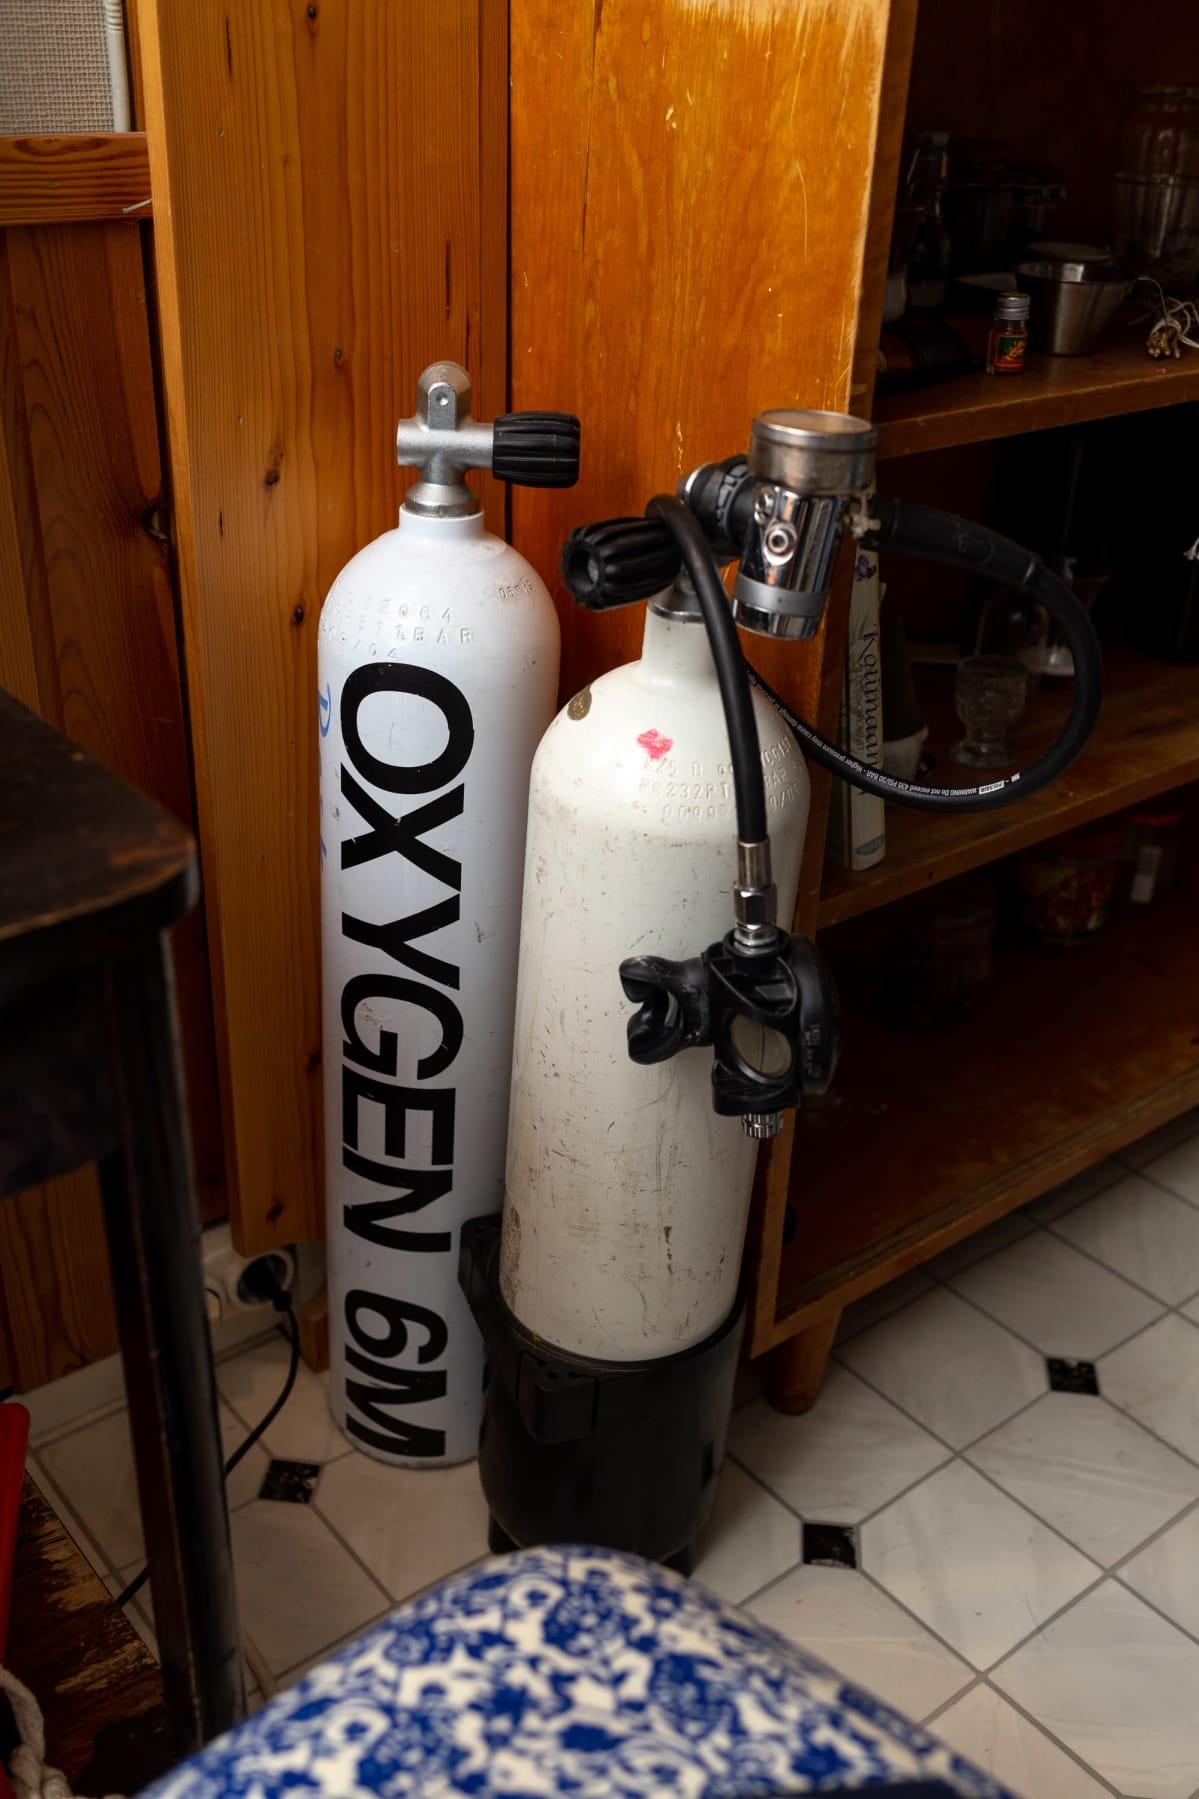 Suuri pullo, jossa lukee Oxygen.